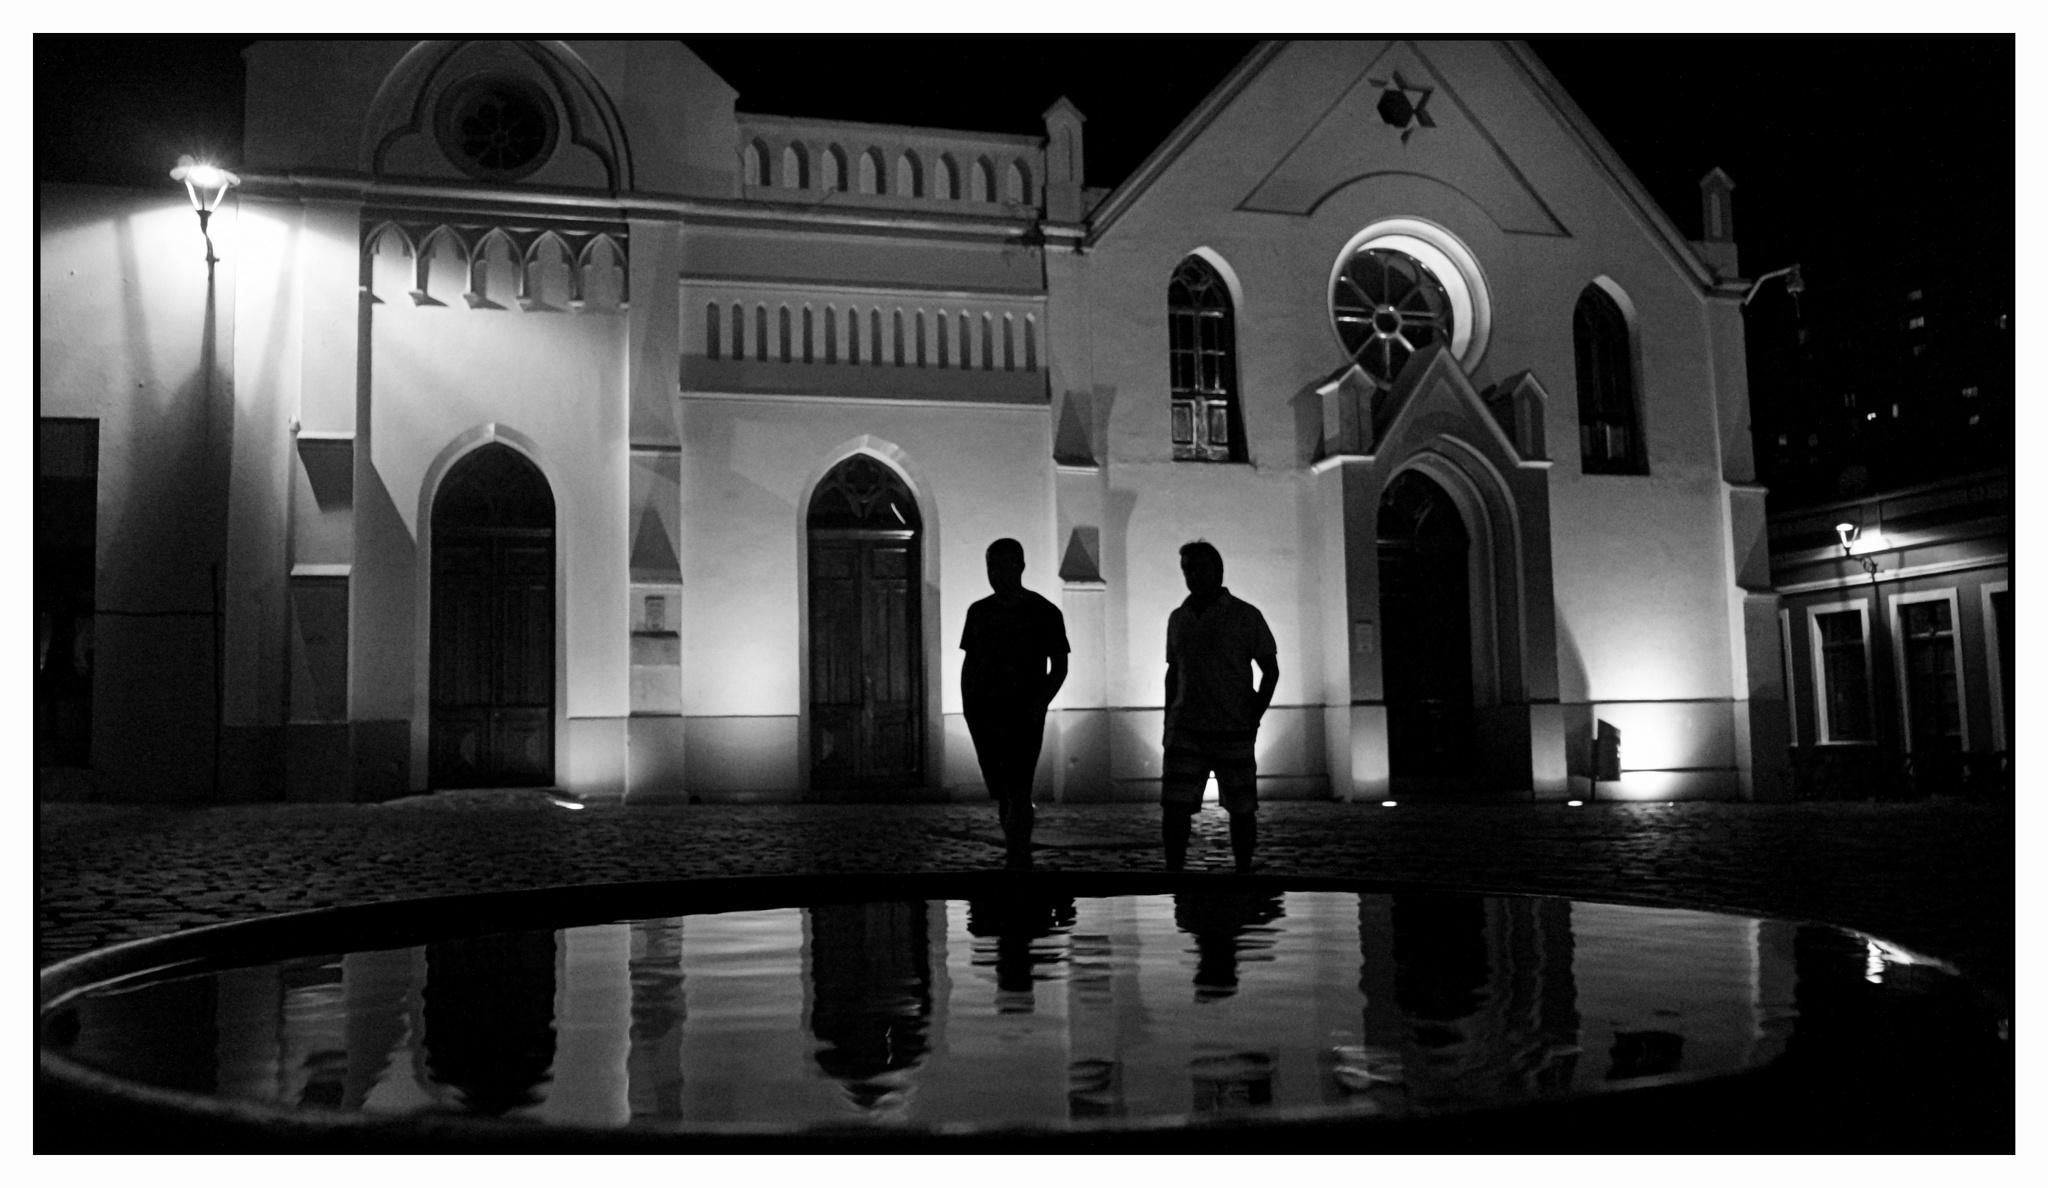 Reflexo Noturno by José Evaldo Suassuna de Oliveira